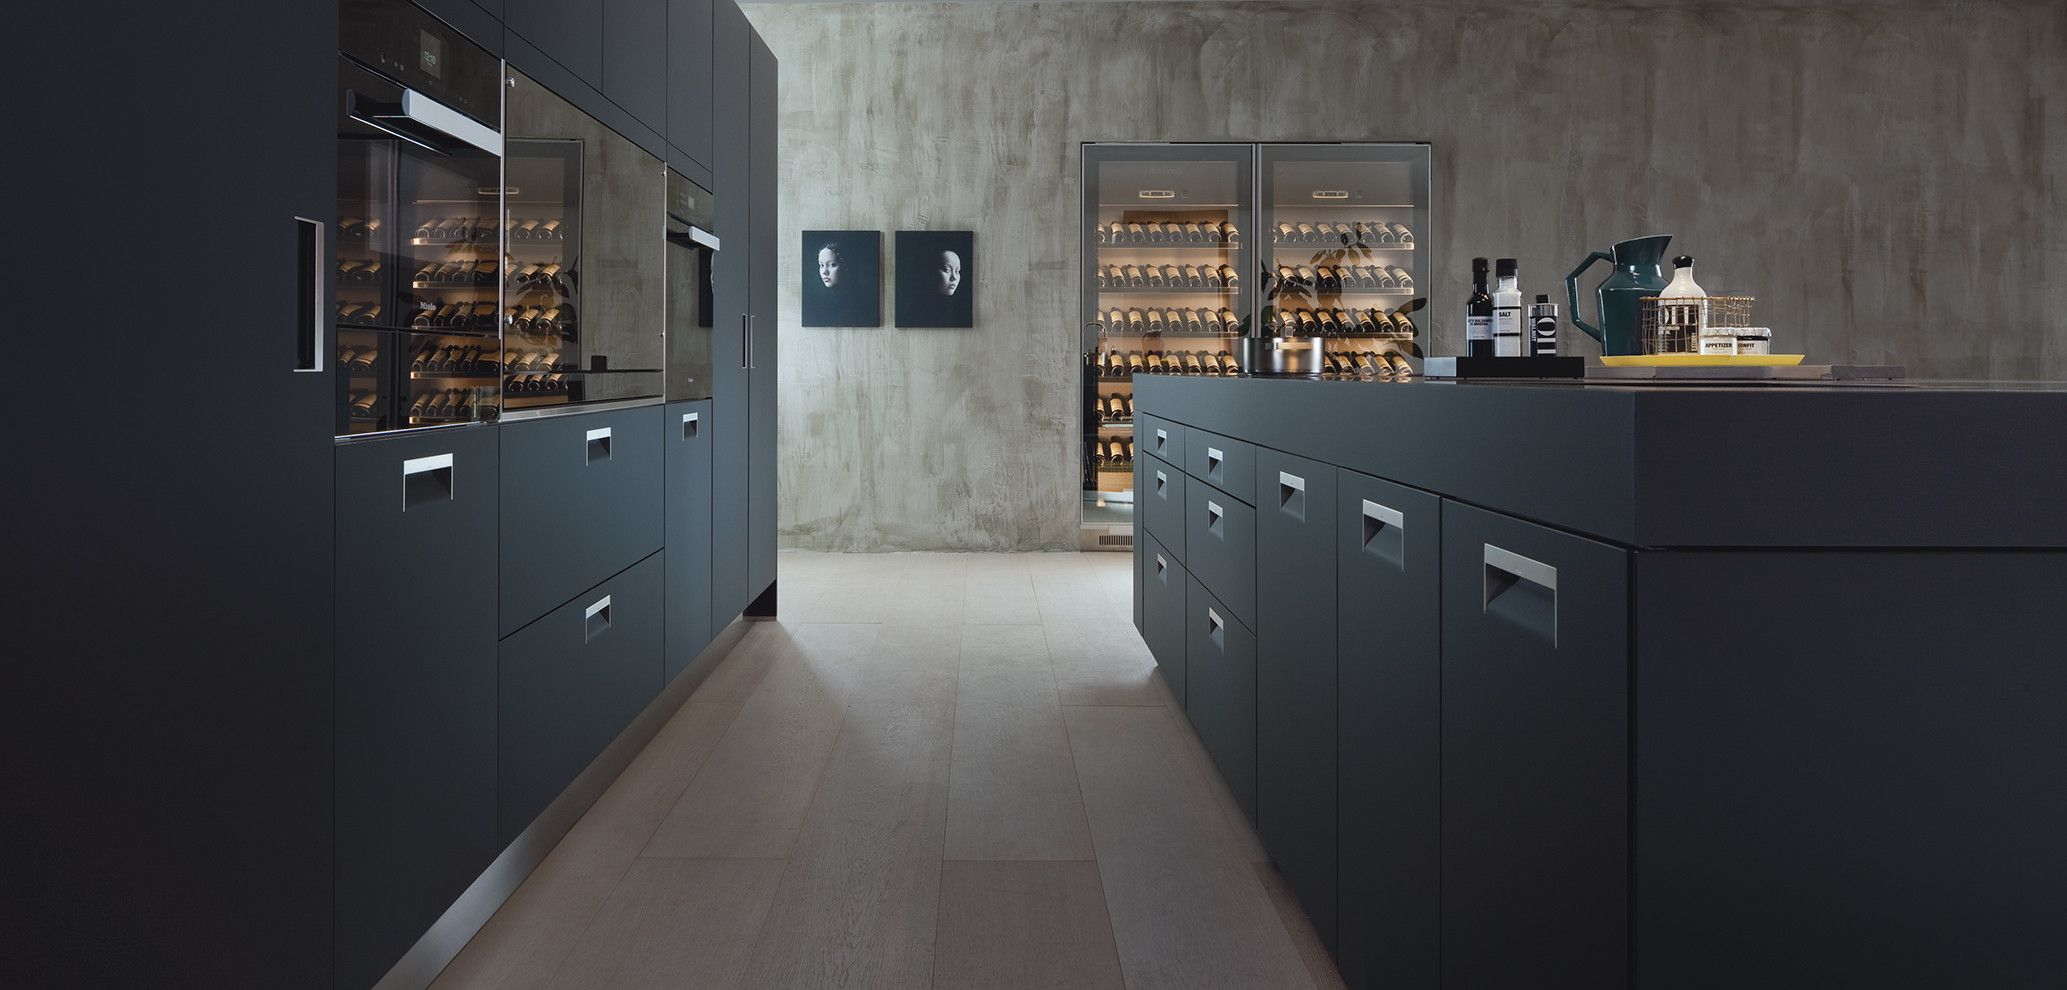 Cocina Arclinea Tirador Italia Acabado Armour Muebles De Cocina  # Muebles Den Haag